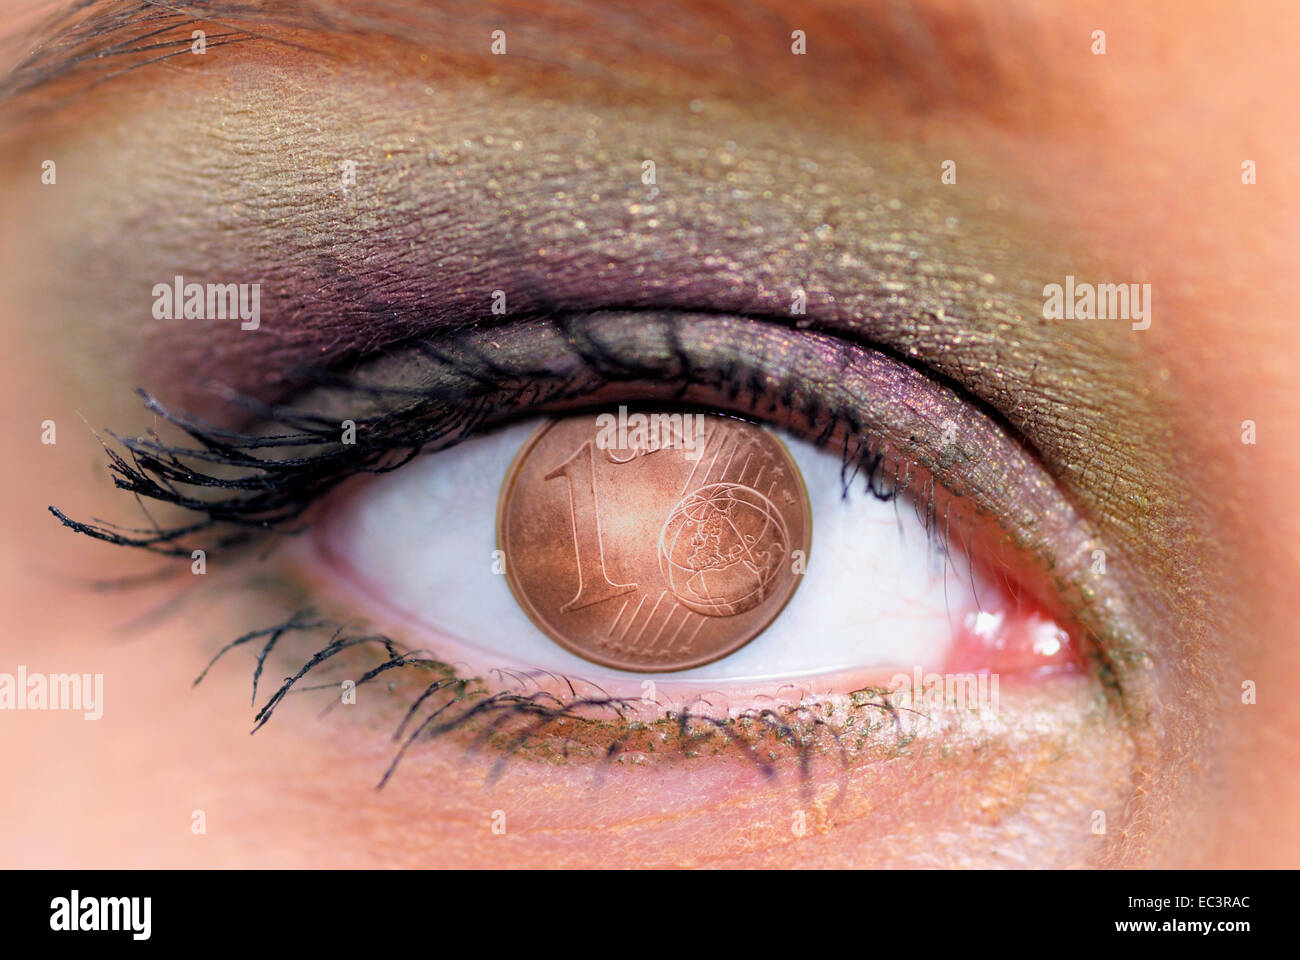 Braune Augen Einer Frau Cent Münze Stockfoto Bild 76301524 Alamy